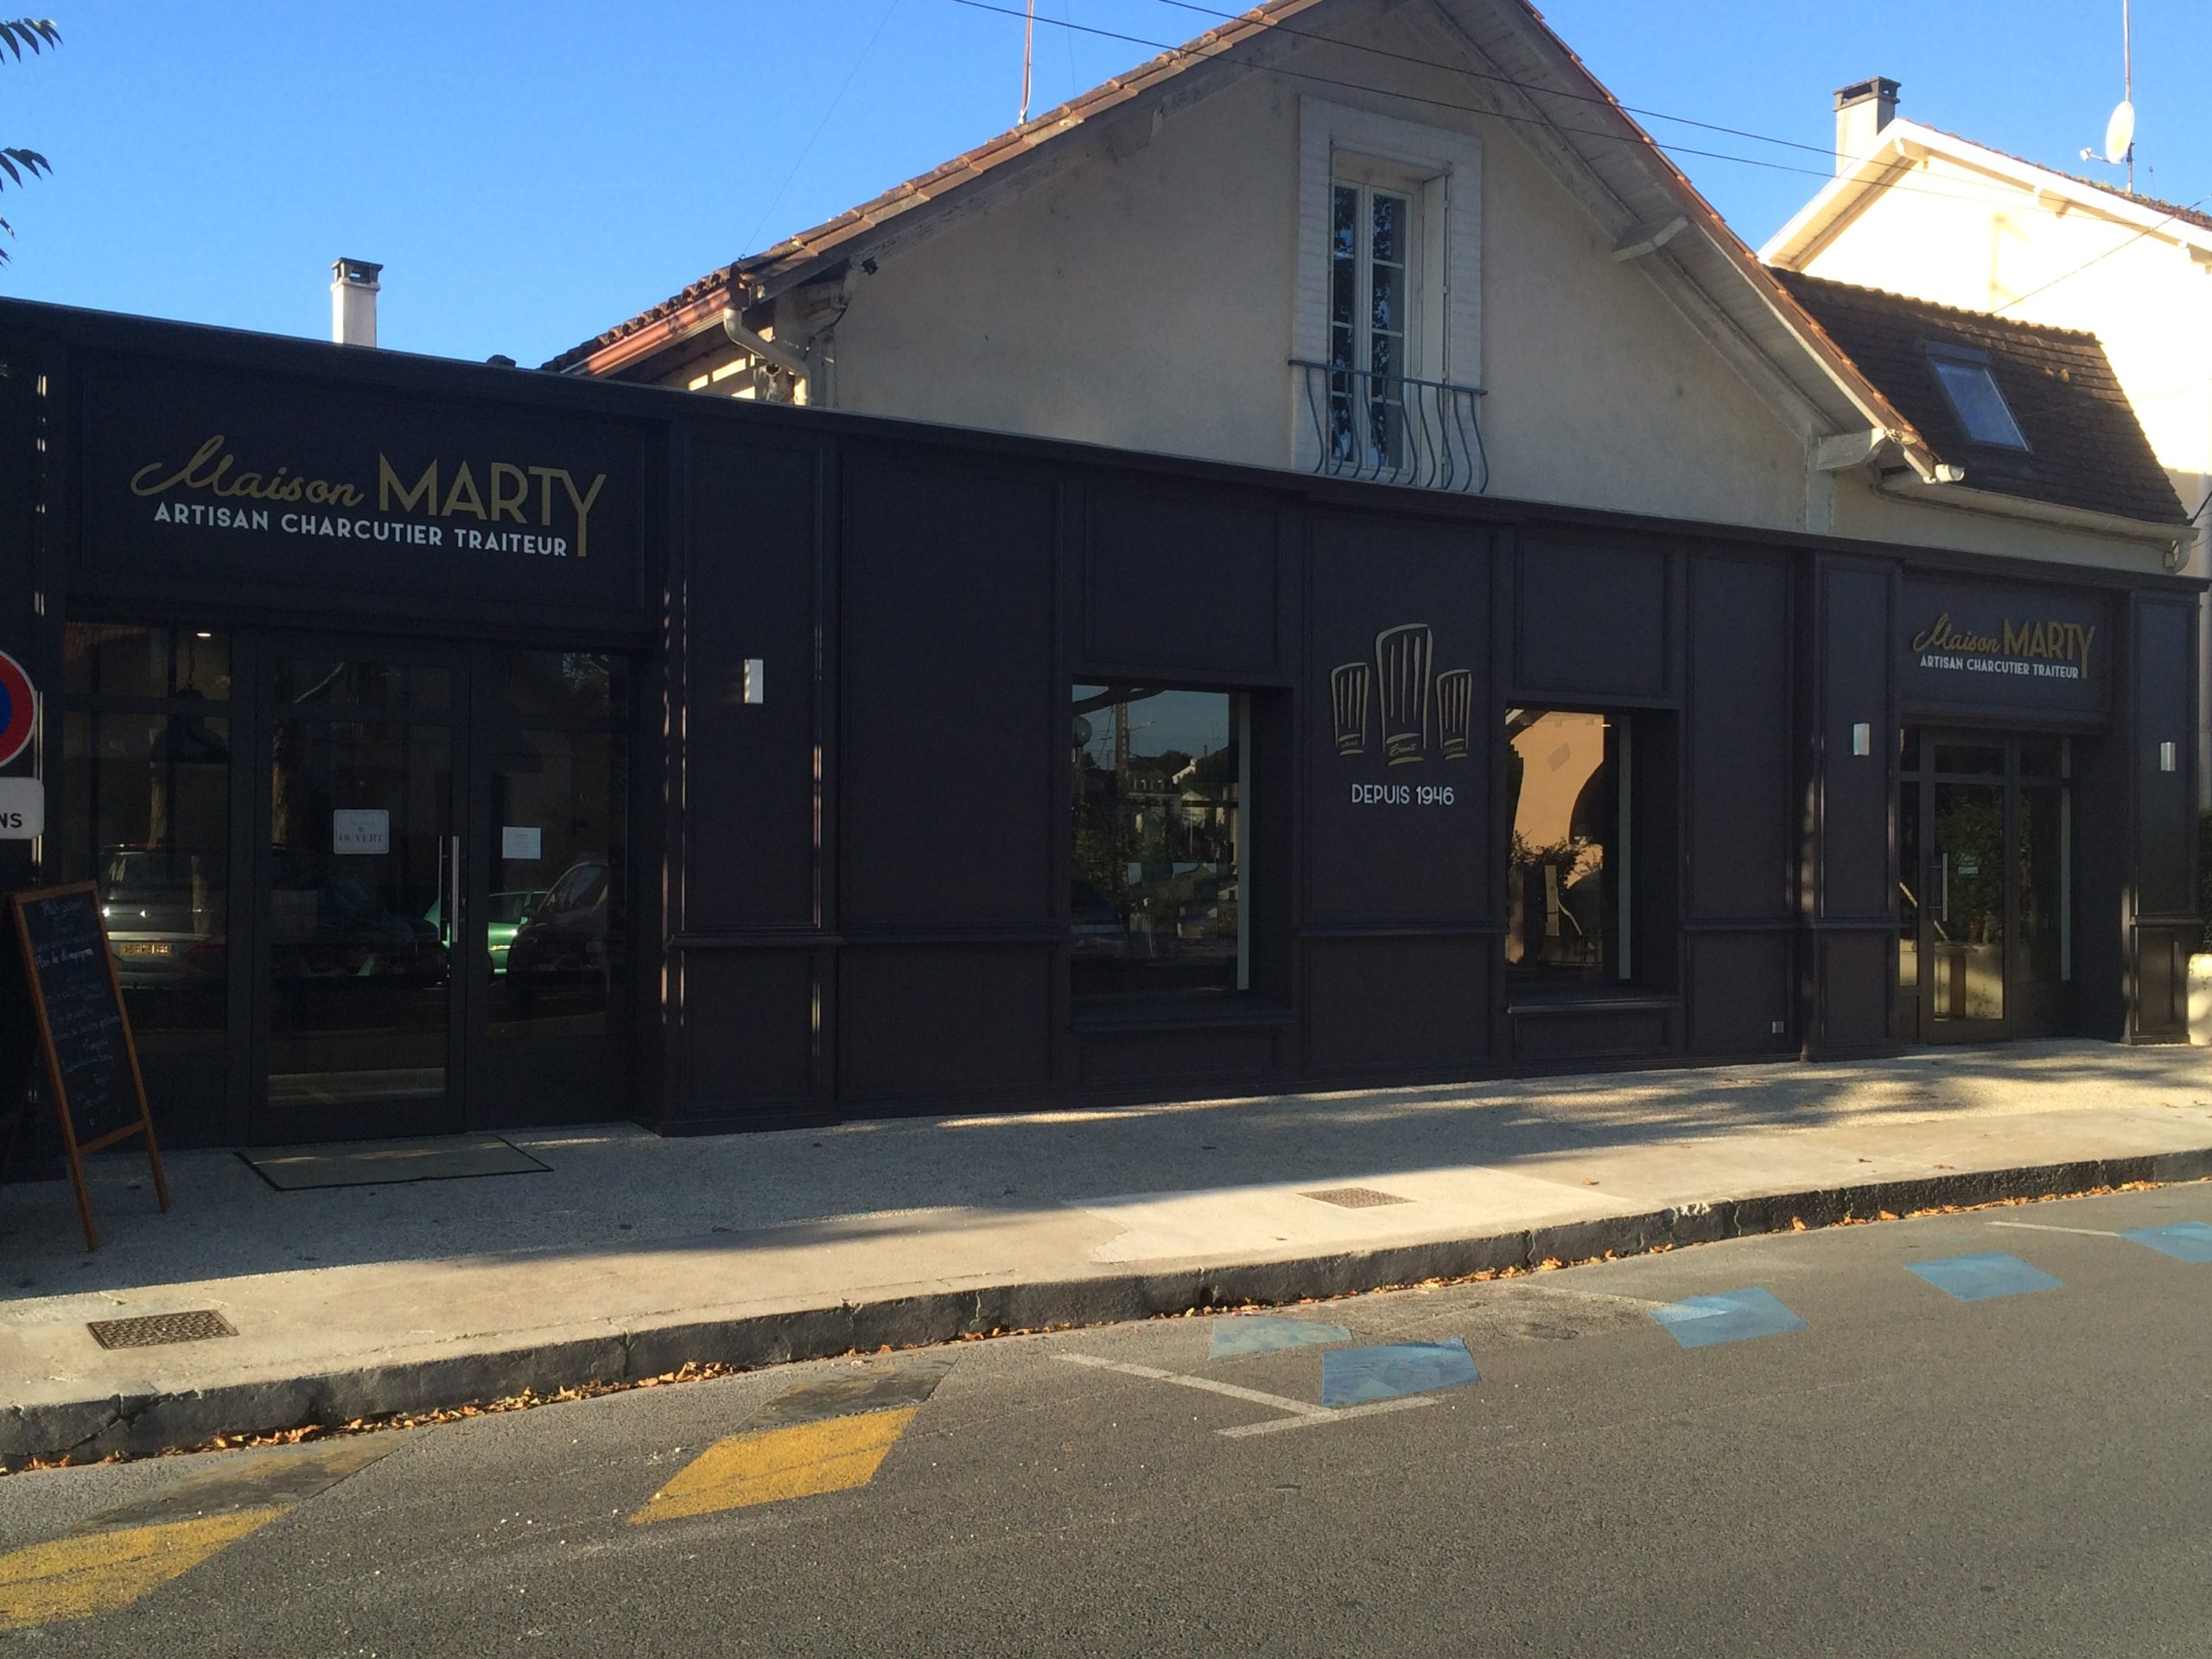 Rénovation extérieure et intérieure d'une charcuterie, institution à Bergerac depuis 1946, par l'entreprise Marcillac et fils